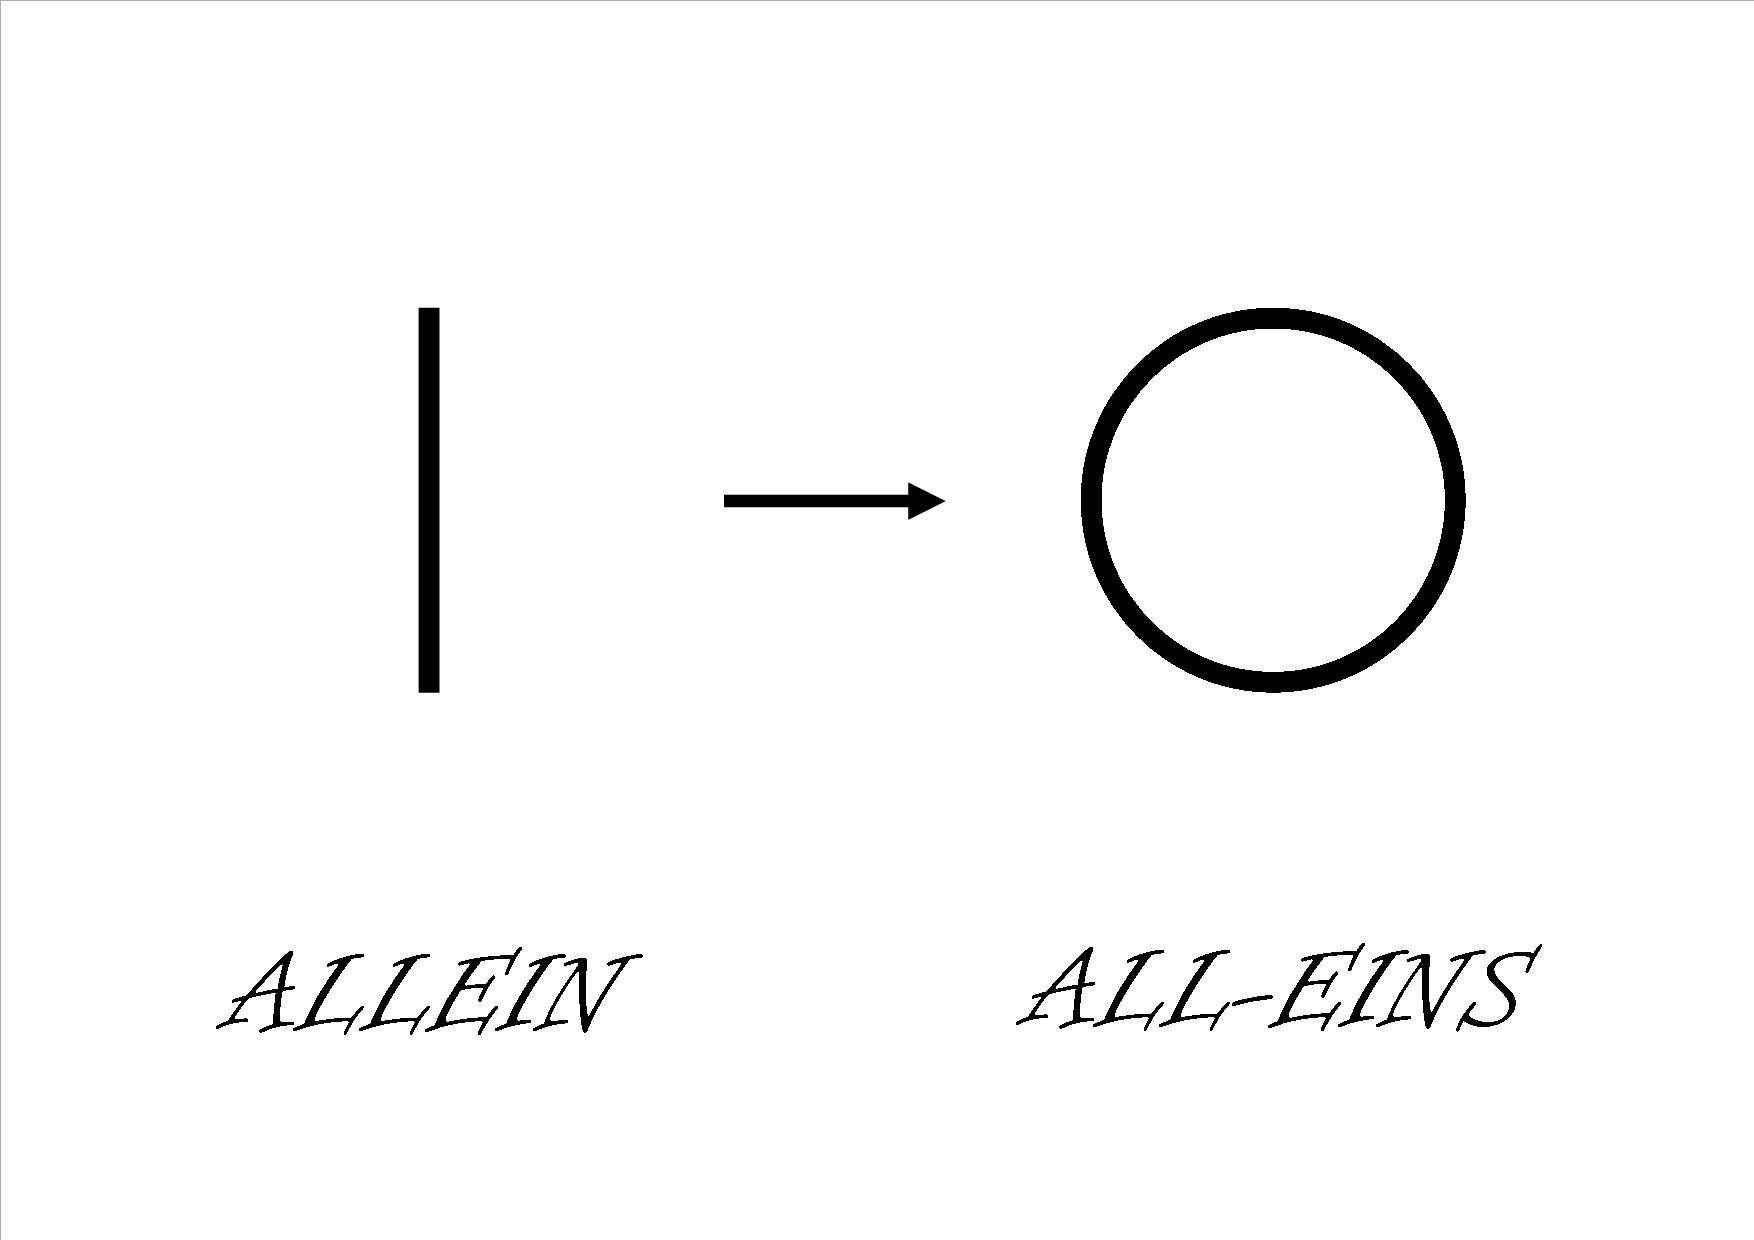 [Bild: ALLEIN-ALL-EINS.jpg]